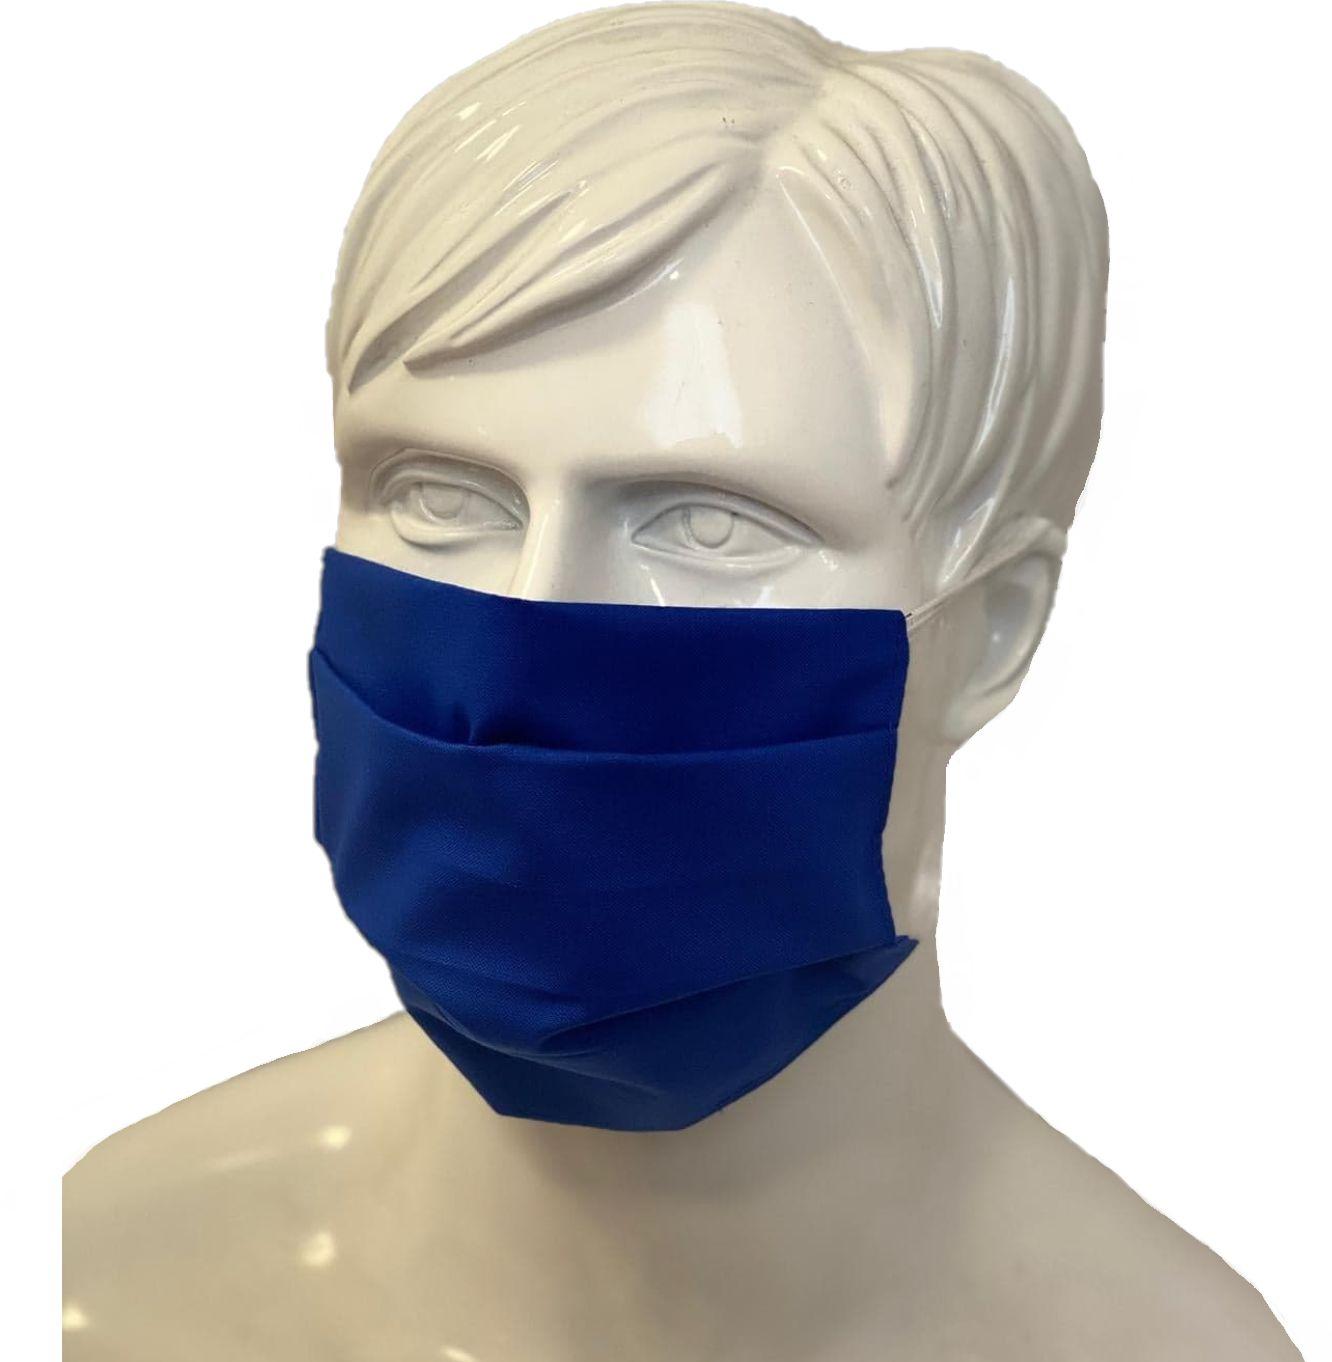 Maseczka ochronna na twarz do wielokrotnego użytku - naturalny materiał, wygodne zakładanie (ERHEM Mask DRQROD)